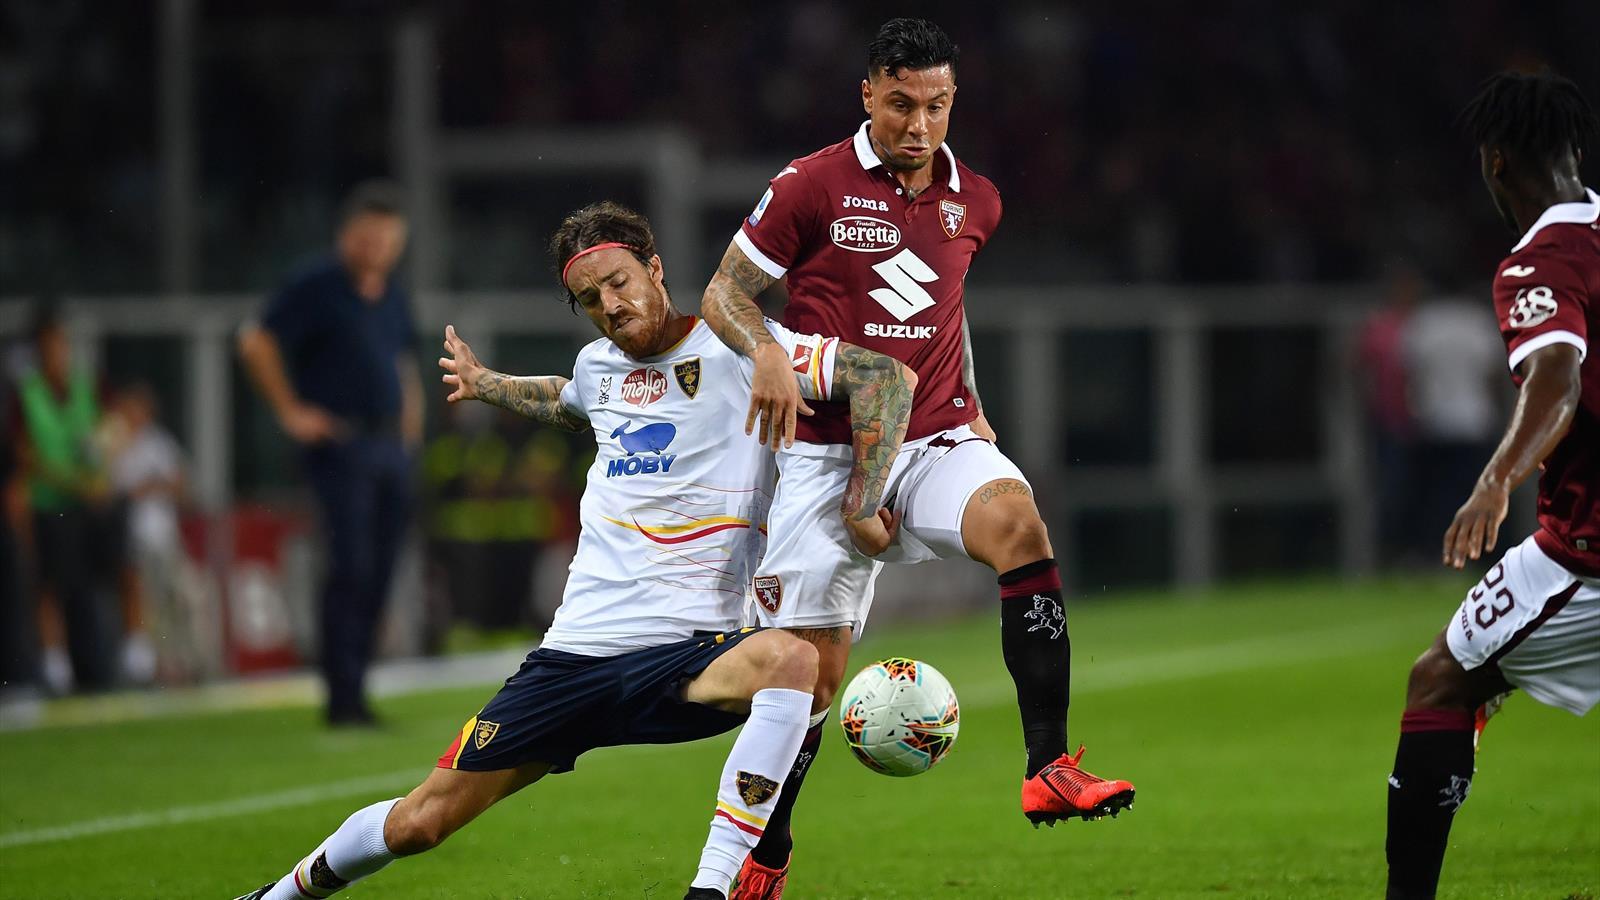 Le pagelle di Torino-Lecce 1-2: tra i granata, bene solo Izzo e Sirigu ...